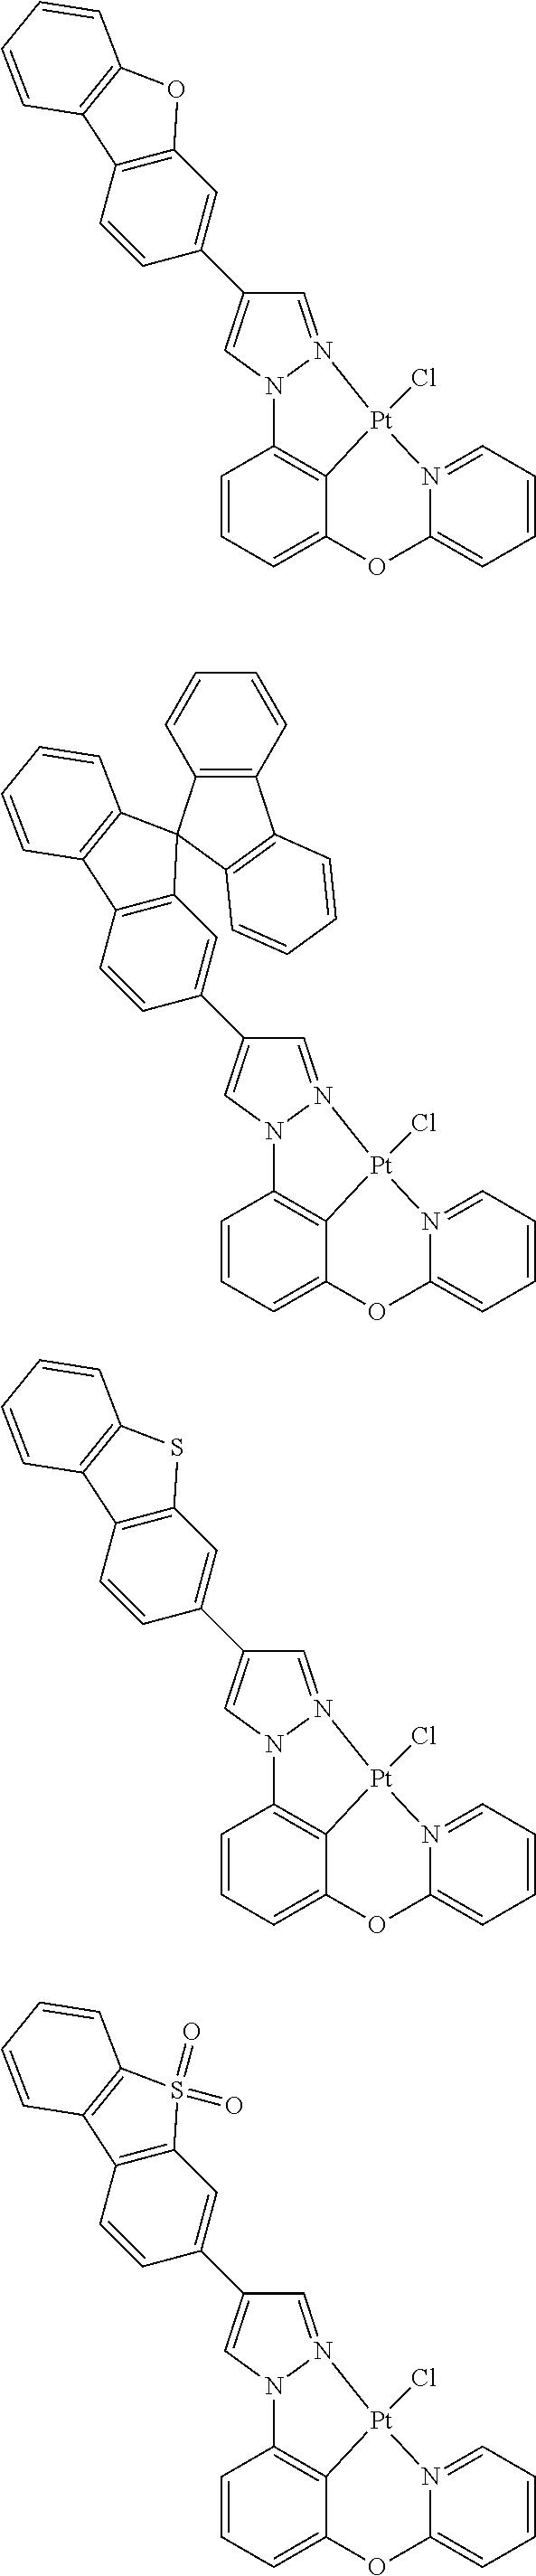 Figure US09818959-20171114-C00122